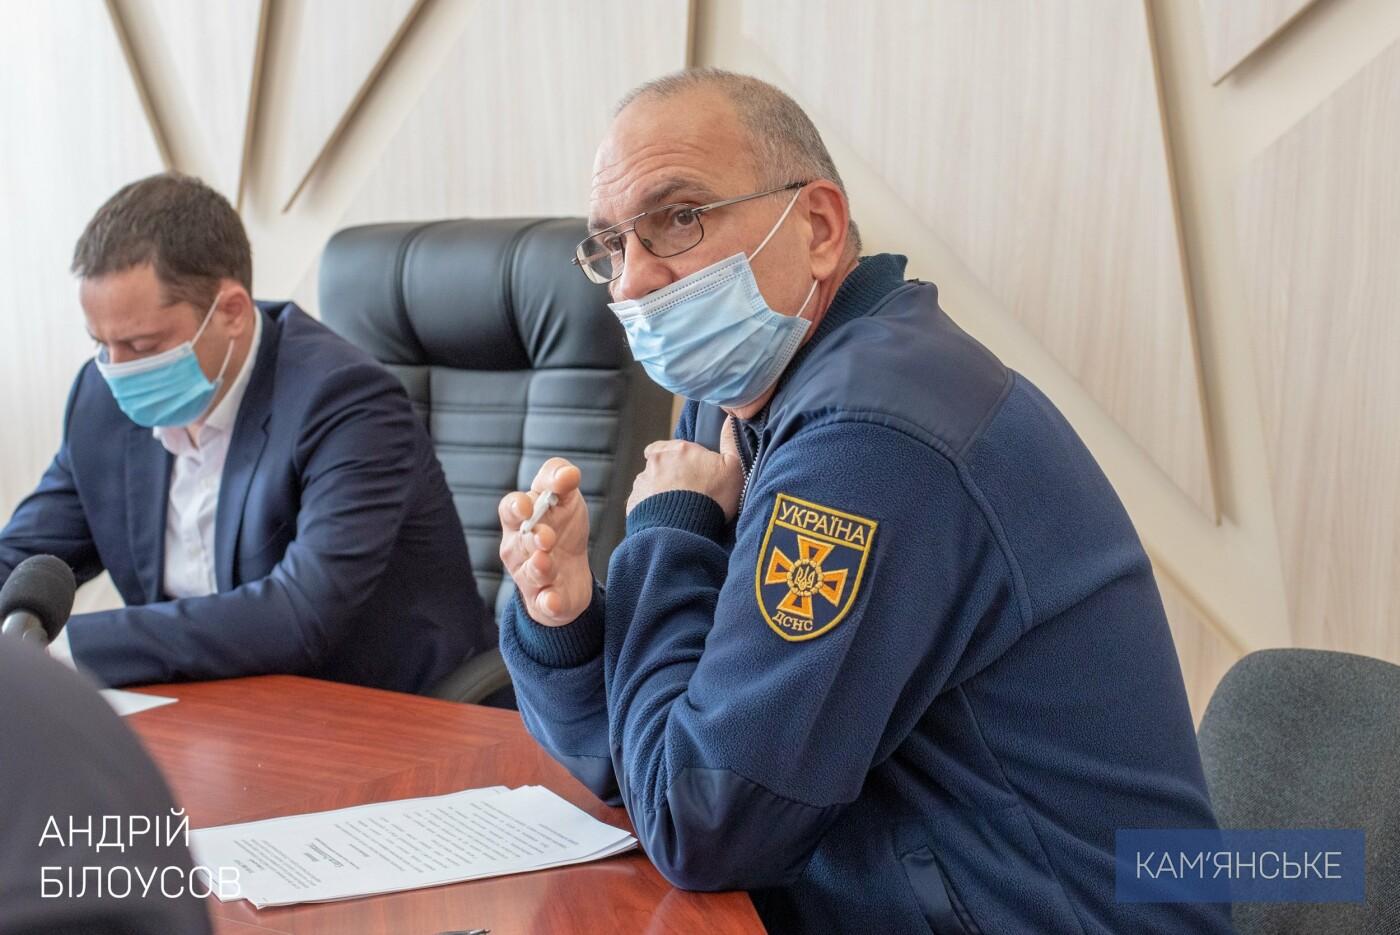 В Каменском стартовала контрольная проверка деятельности аварийно-спасательных служб, фото-1